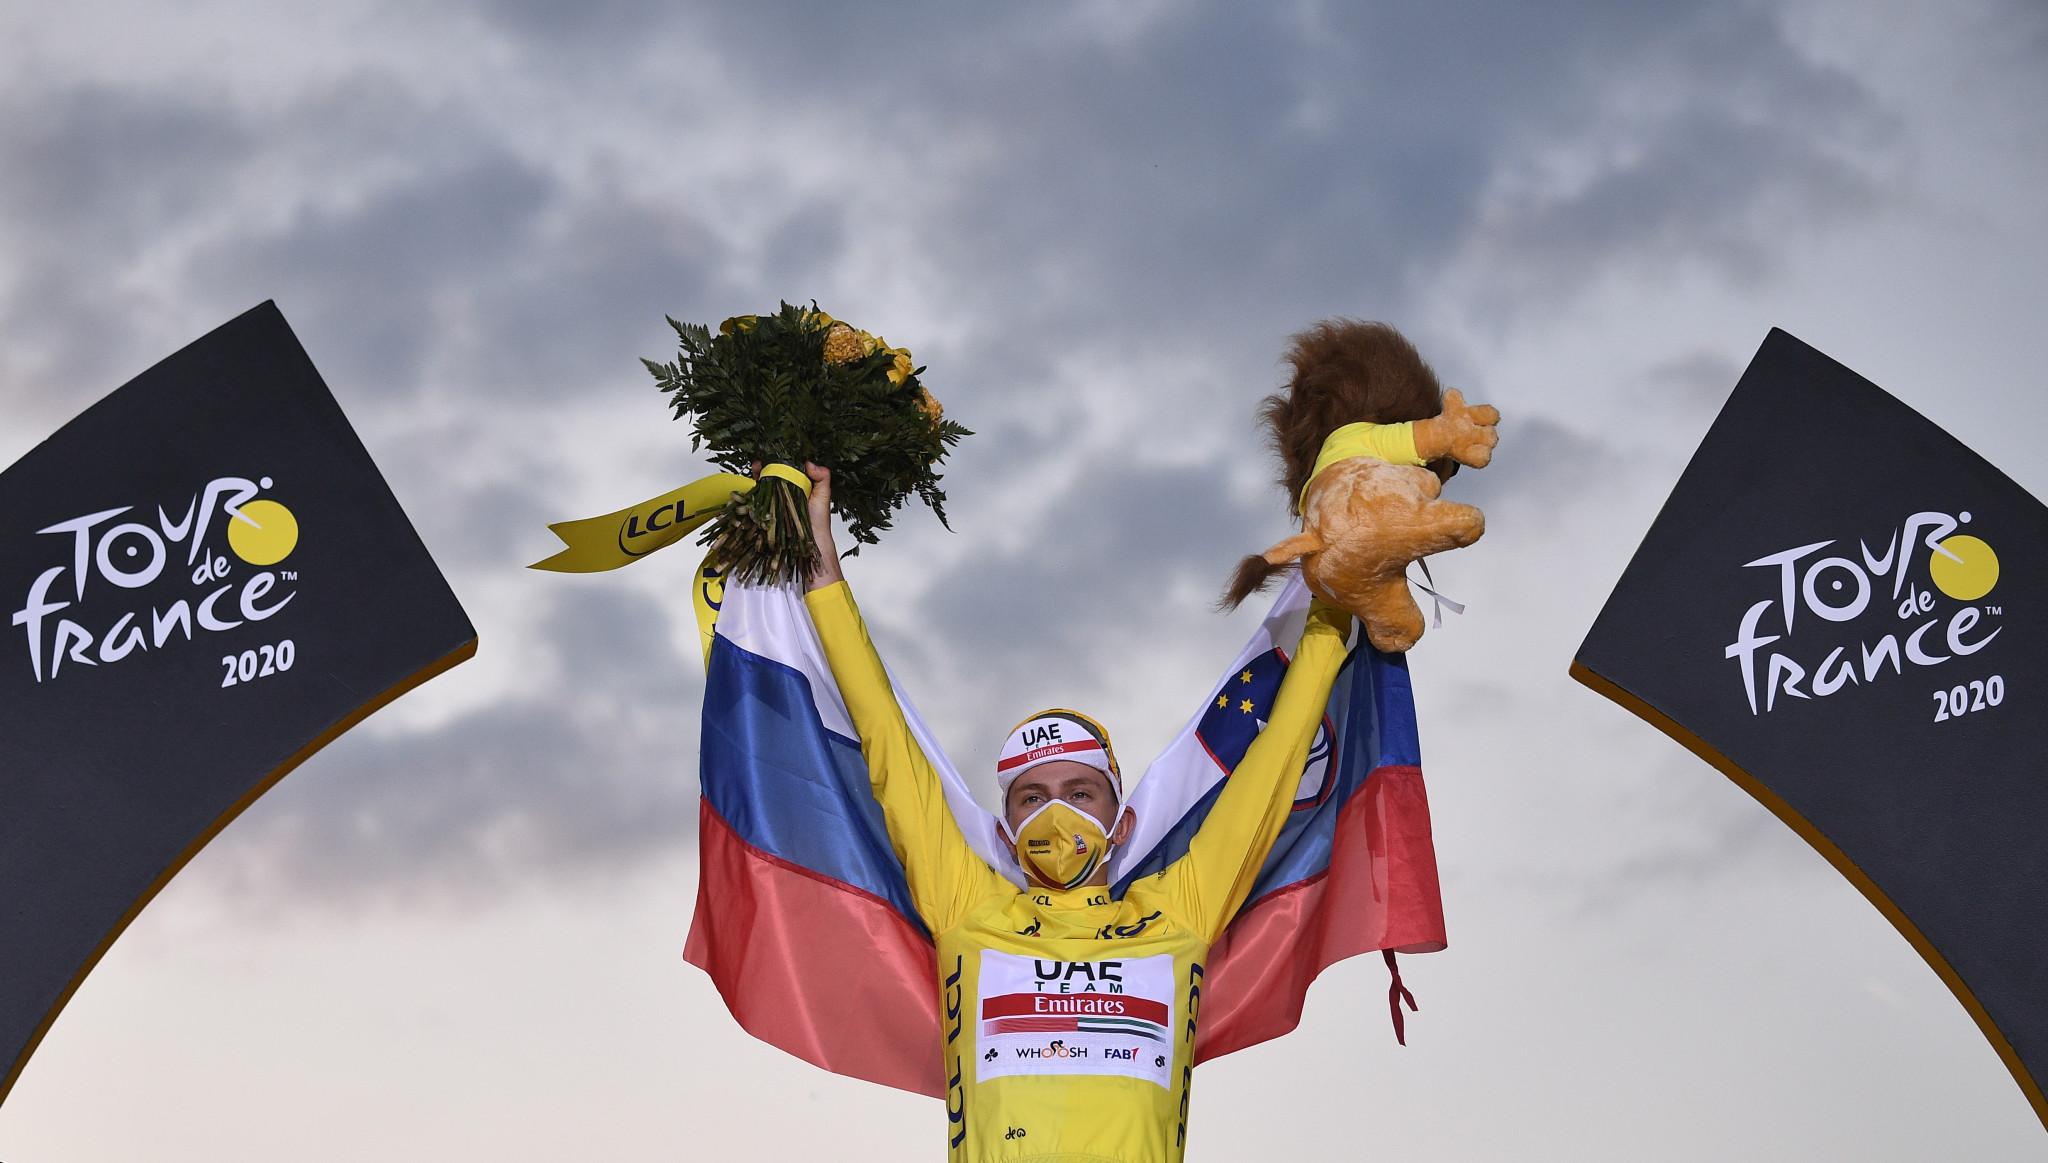 Pogačar becomes first Slovenian winner of Tour de France